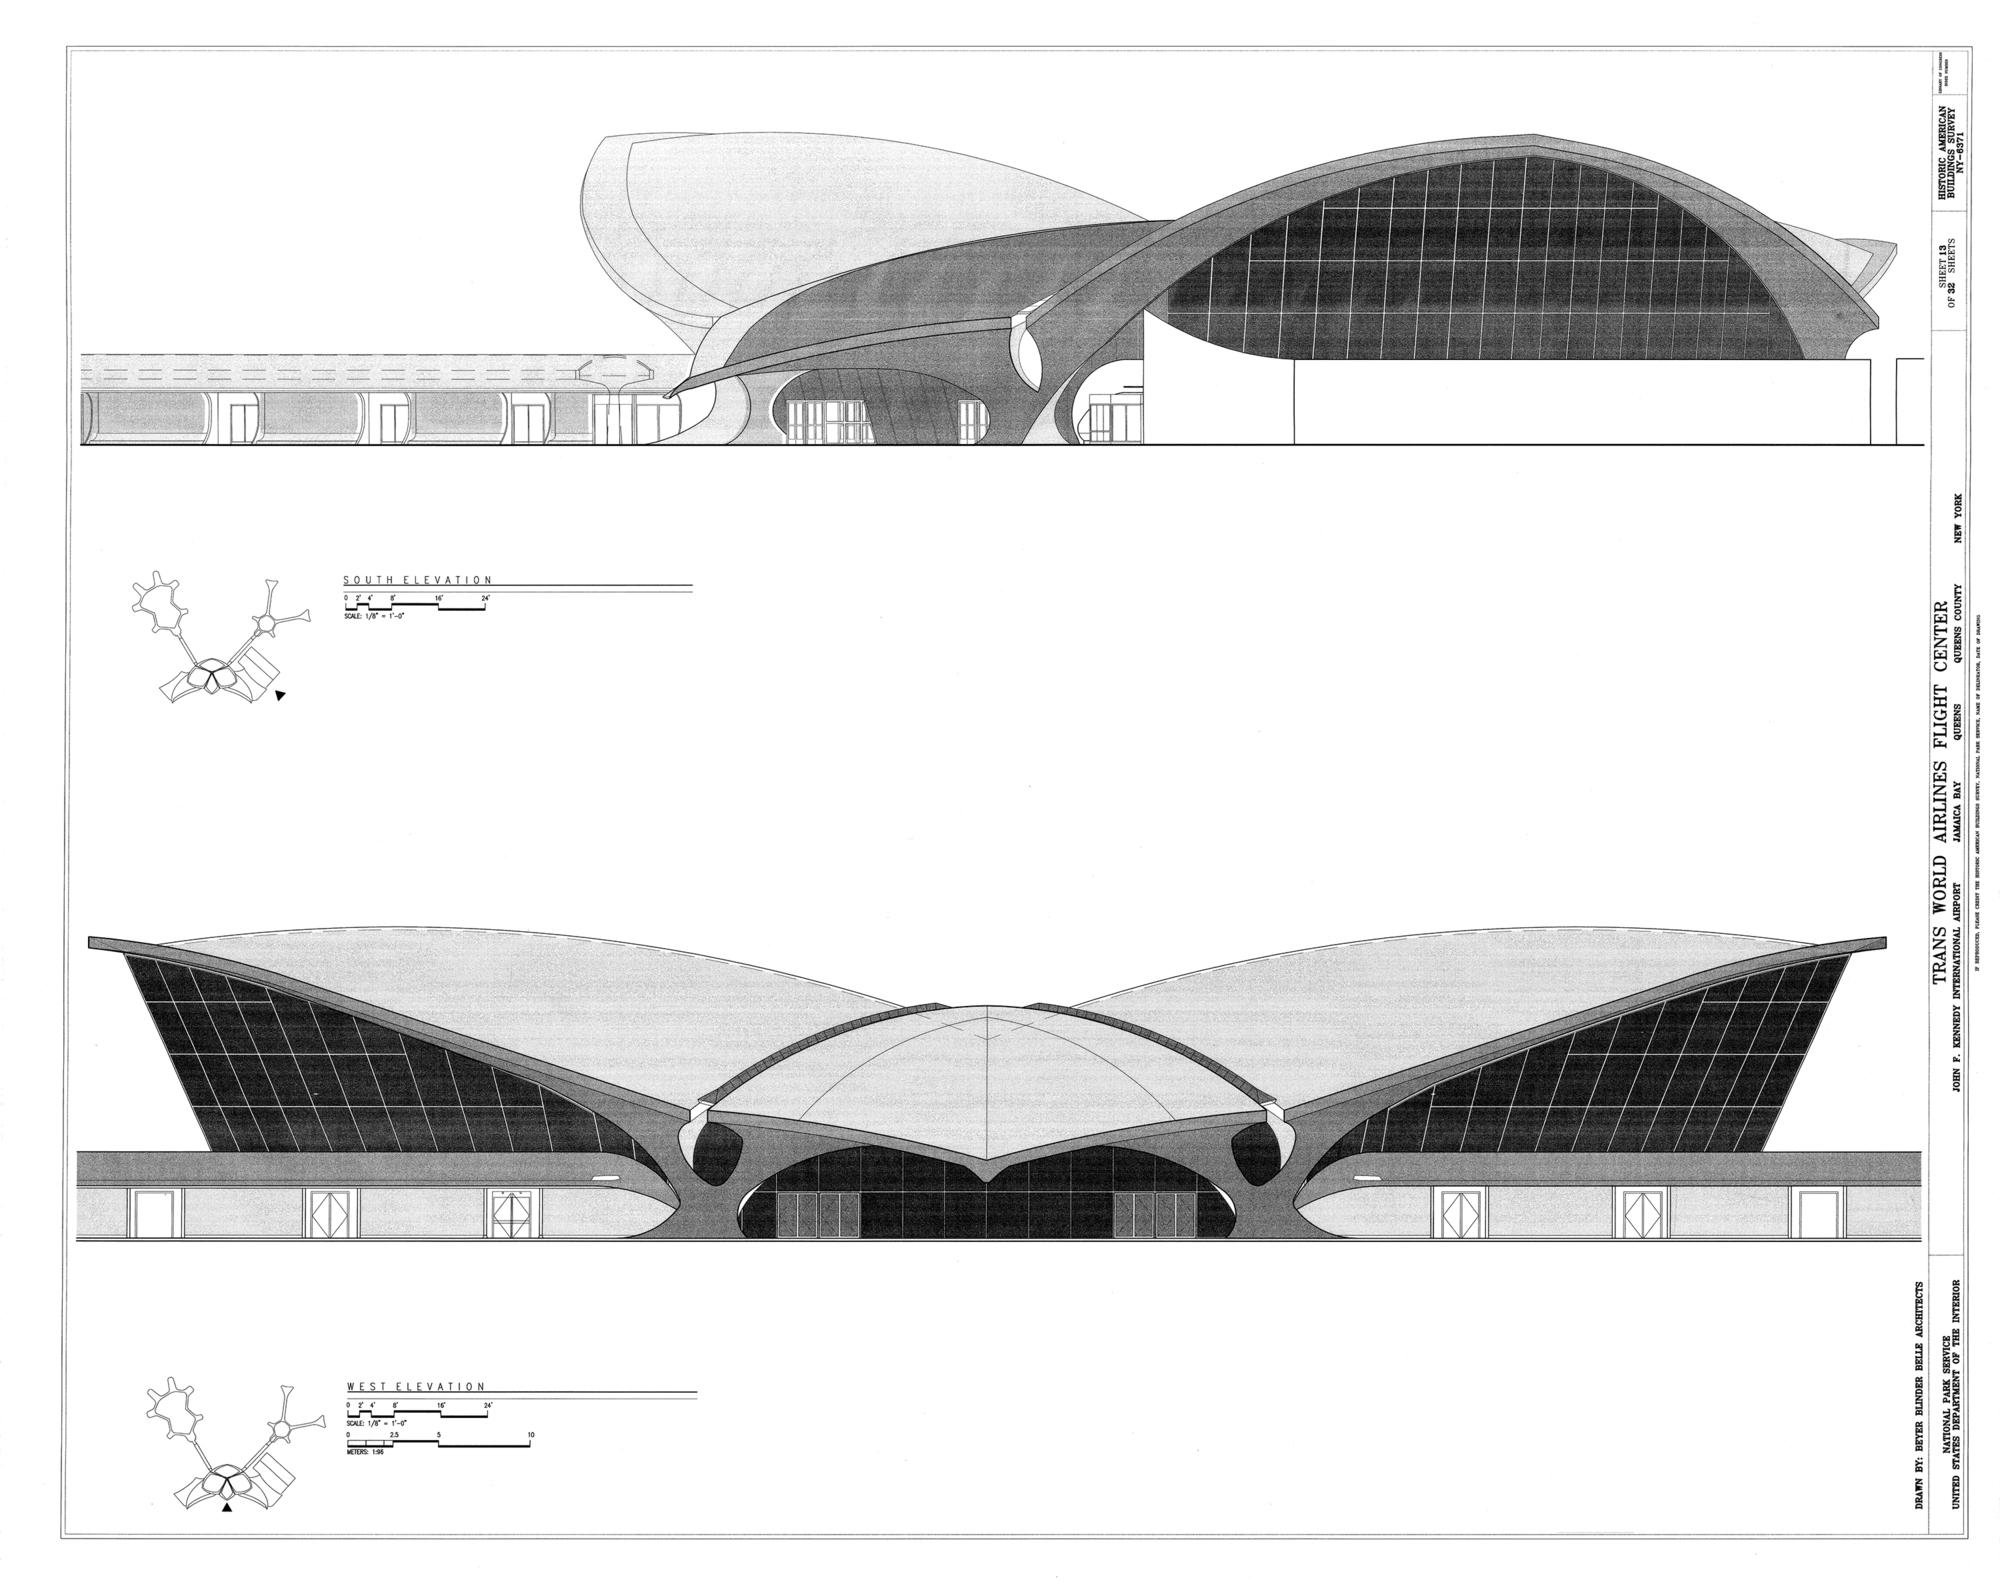 Gallery Of Ad Classics Twa Flight Center Eero Saarinen 7